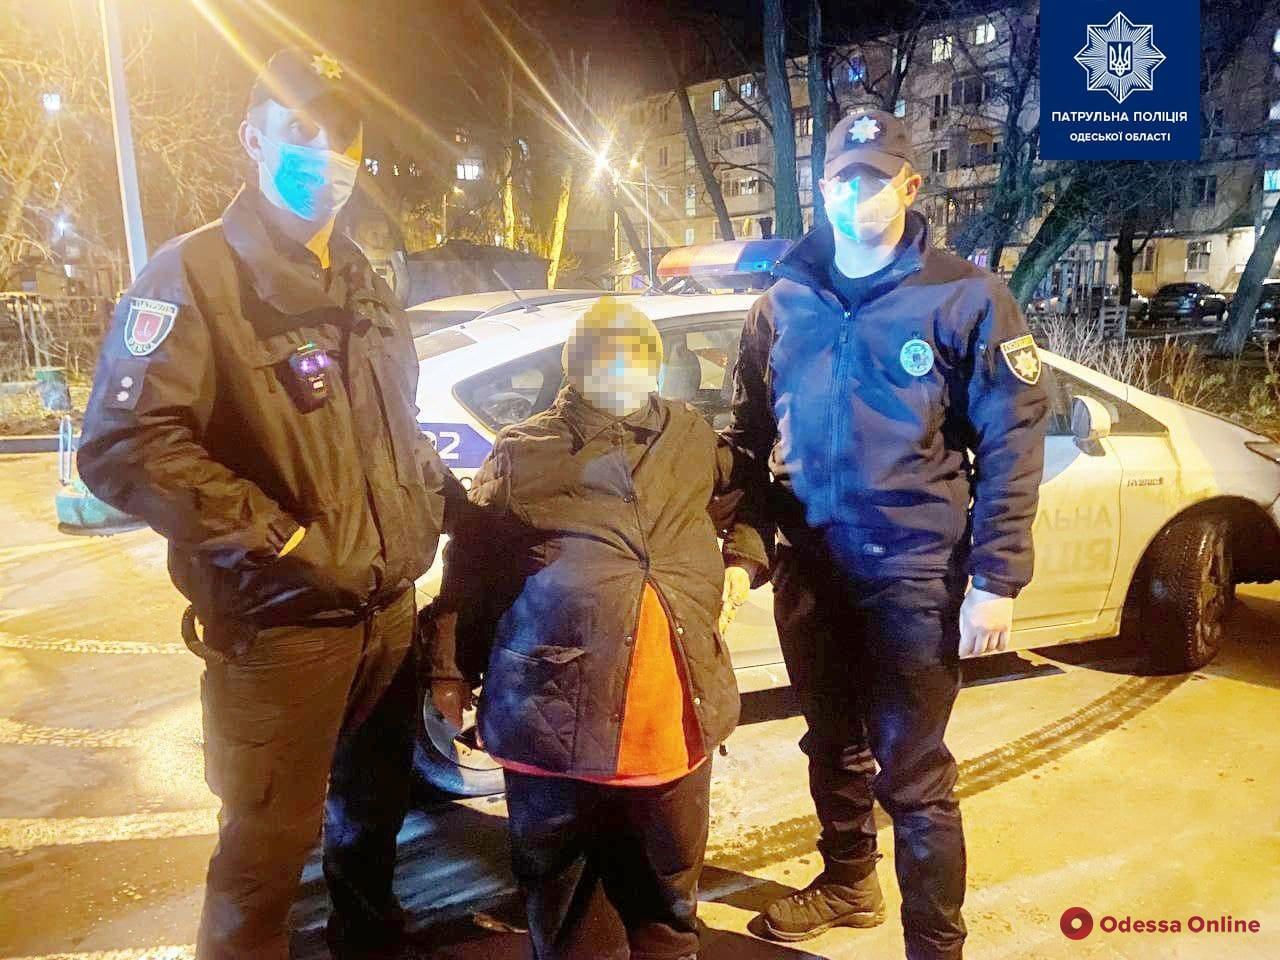 Замерзла и не могла ходить: в Одессе нашли пропавшую 82-летнюю женщину